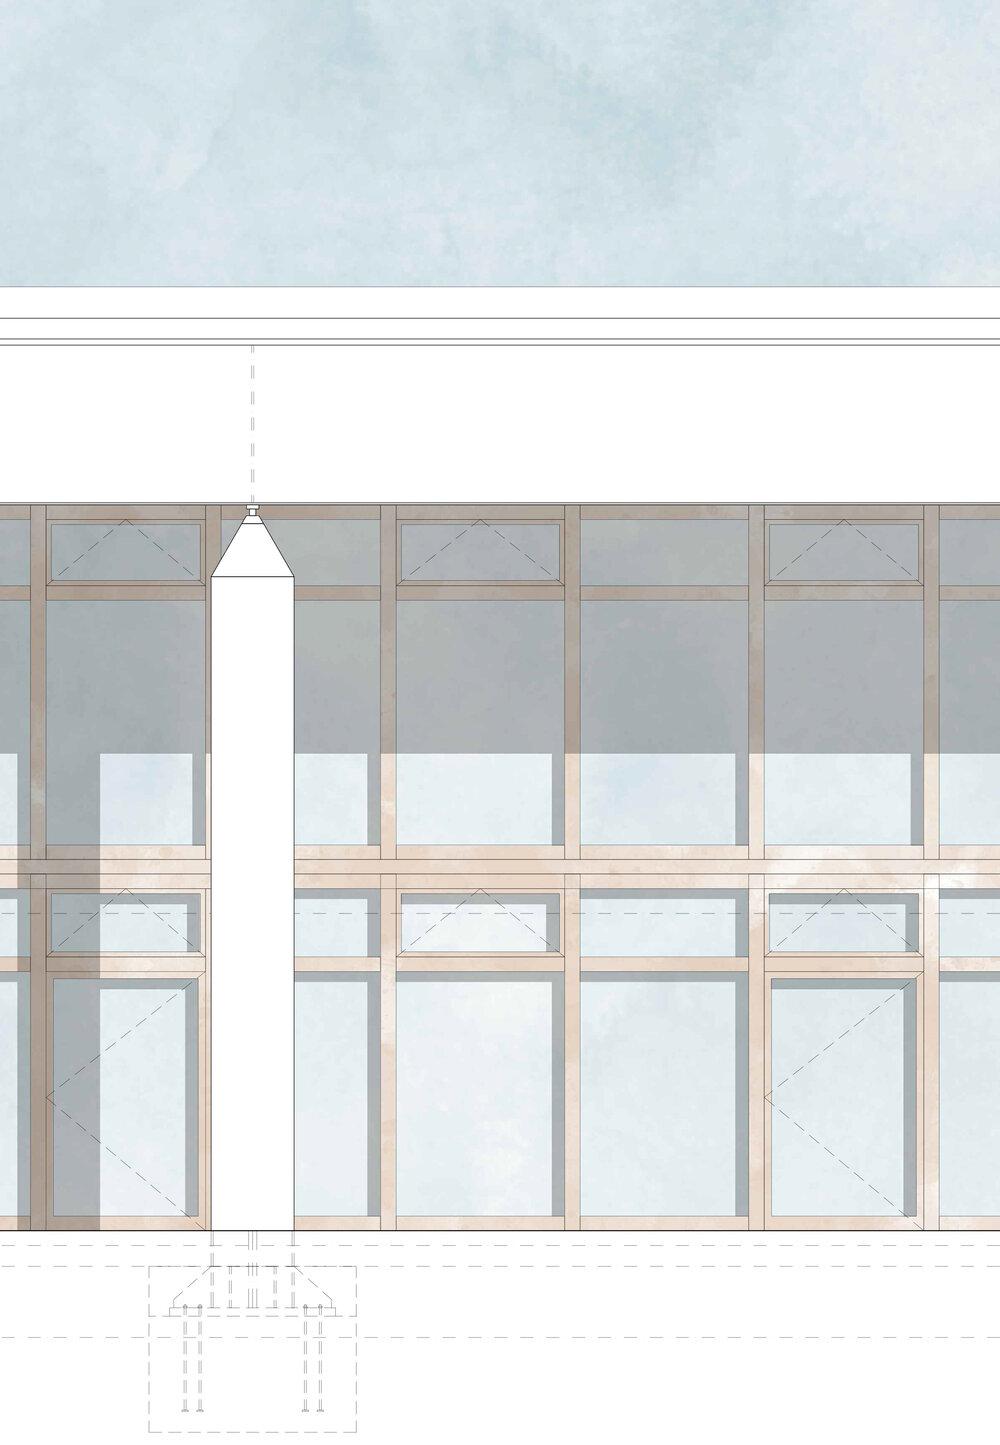 Offizin für Architektur_offizin-a_Heilpädagogische_Schule_Bern_Detailansicht.jpg